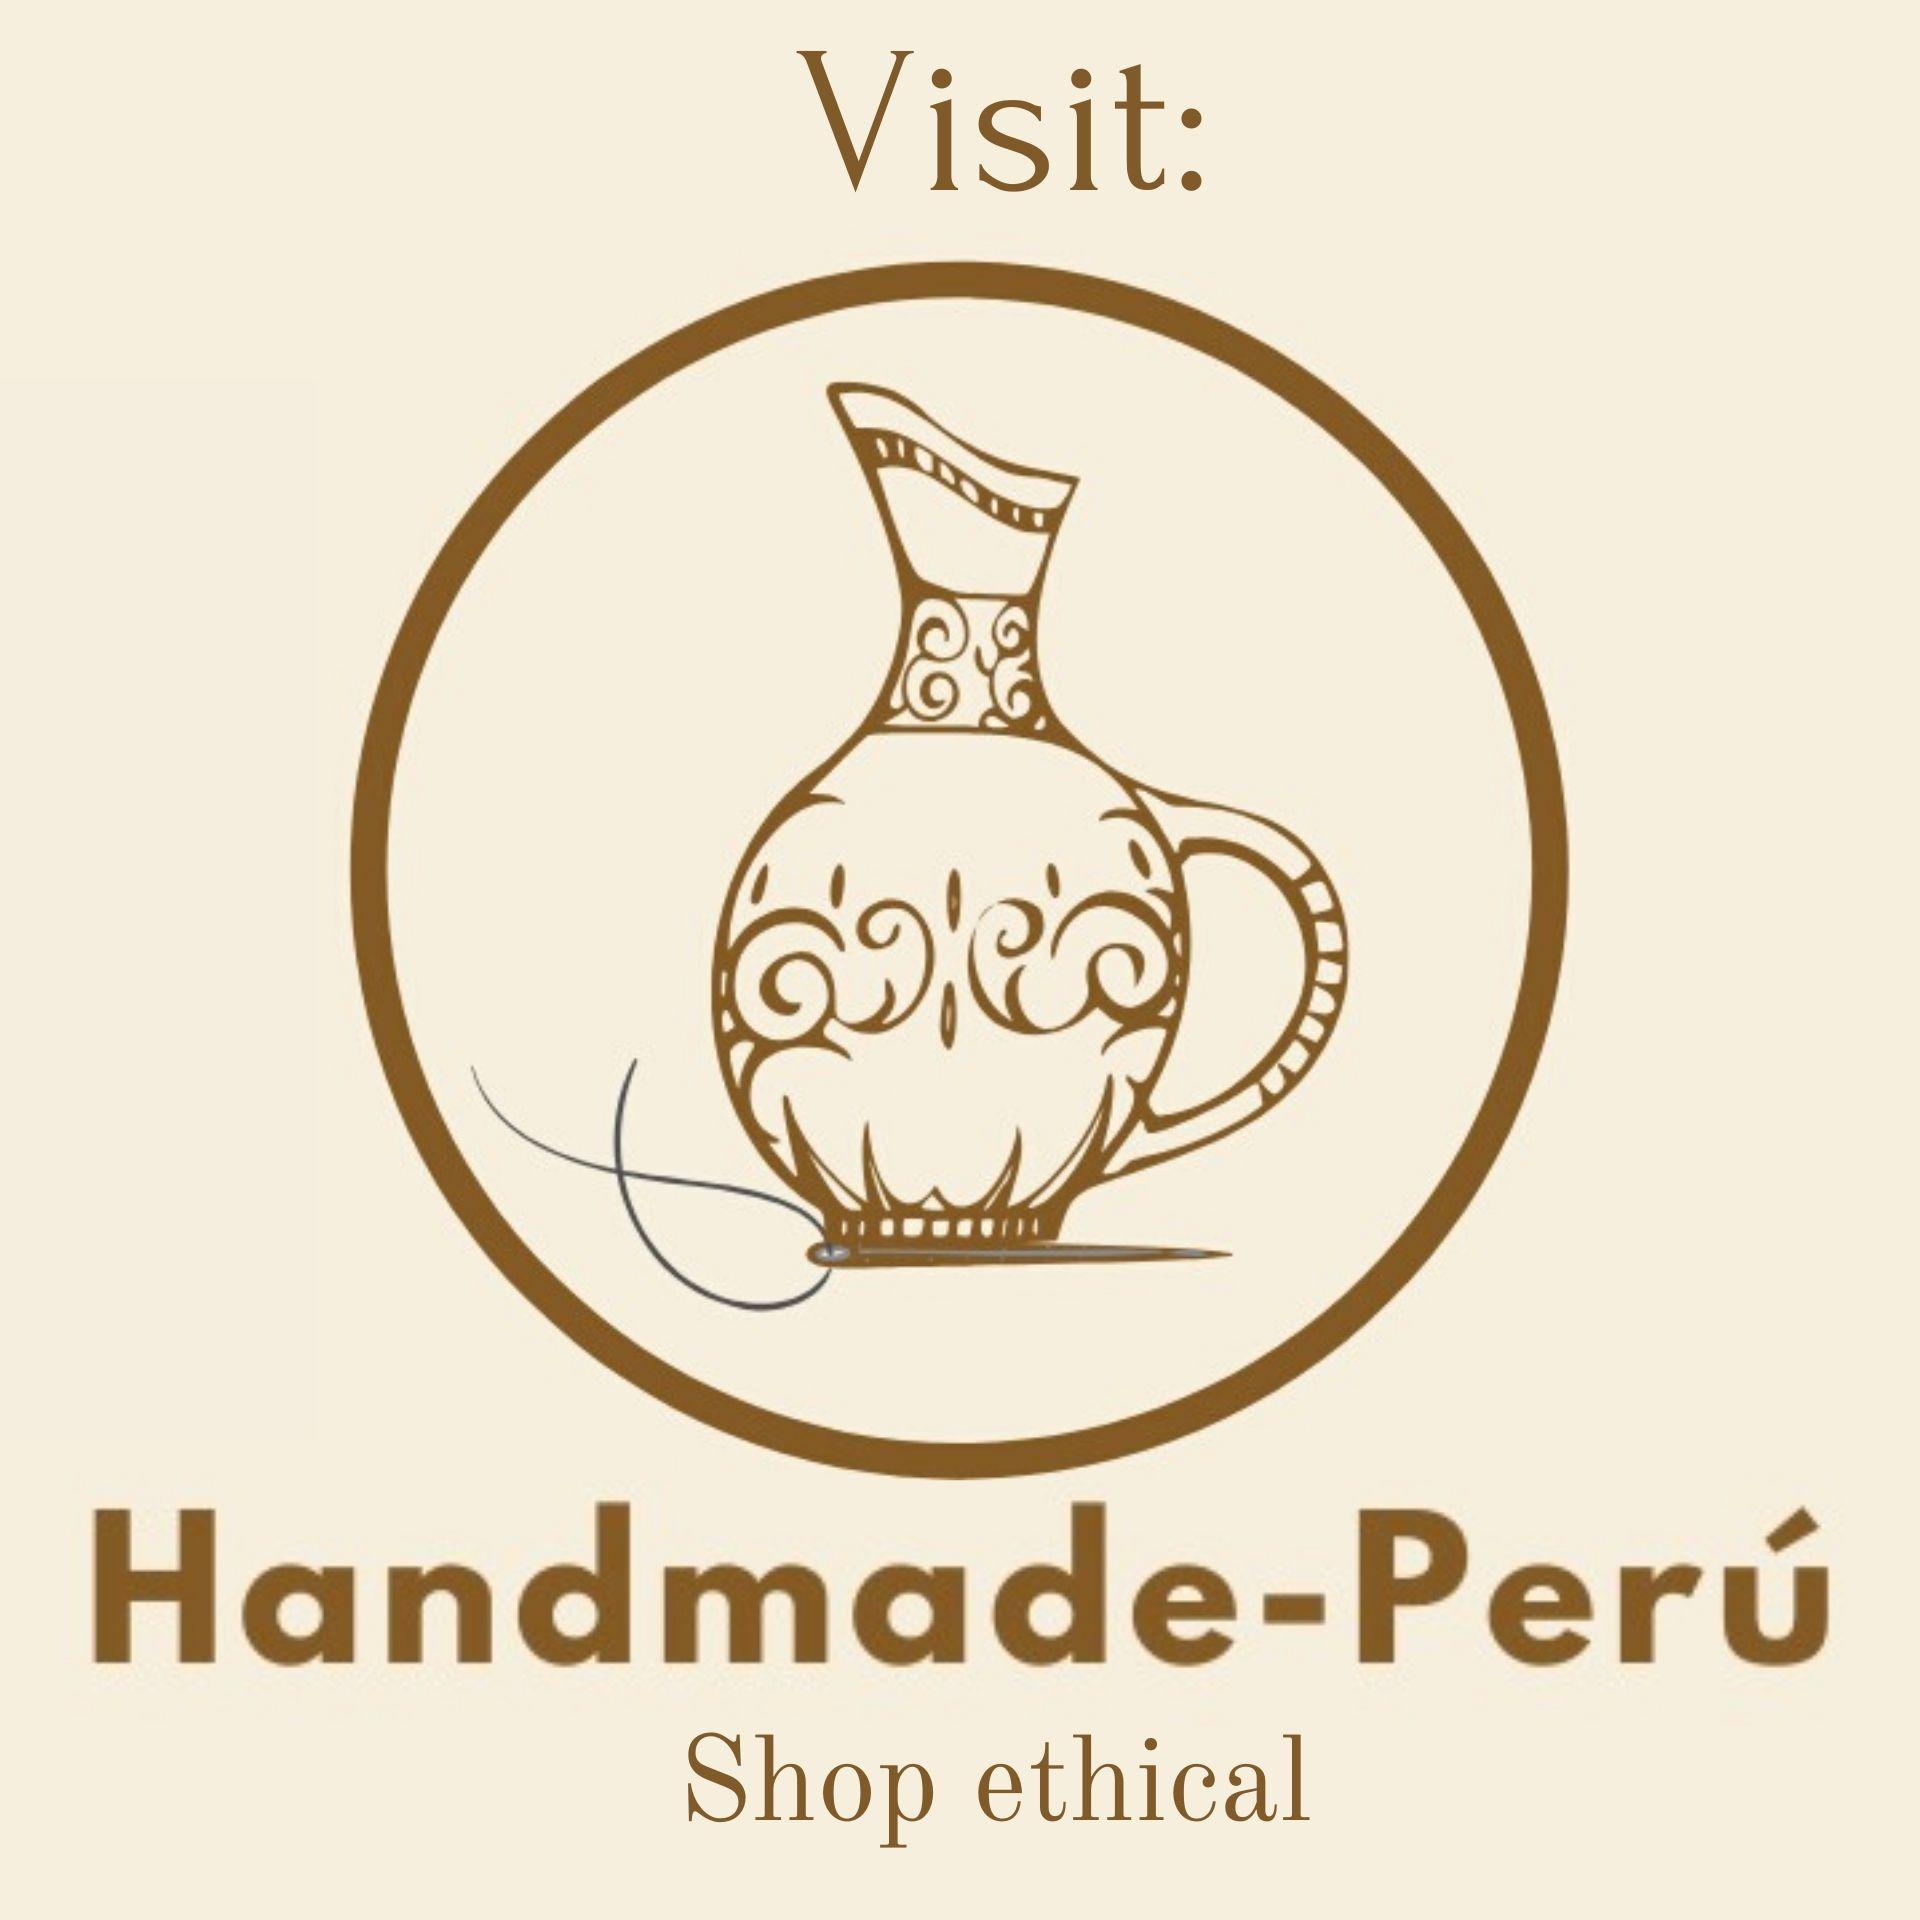 Handmade-Perú